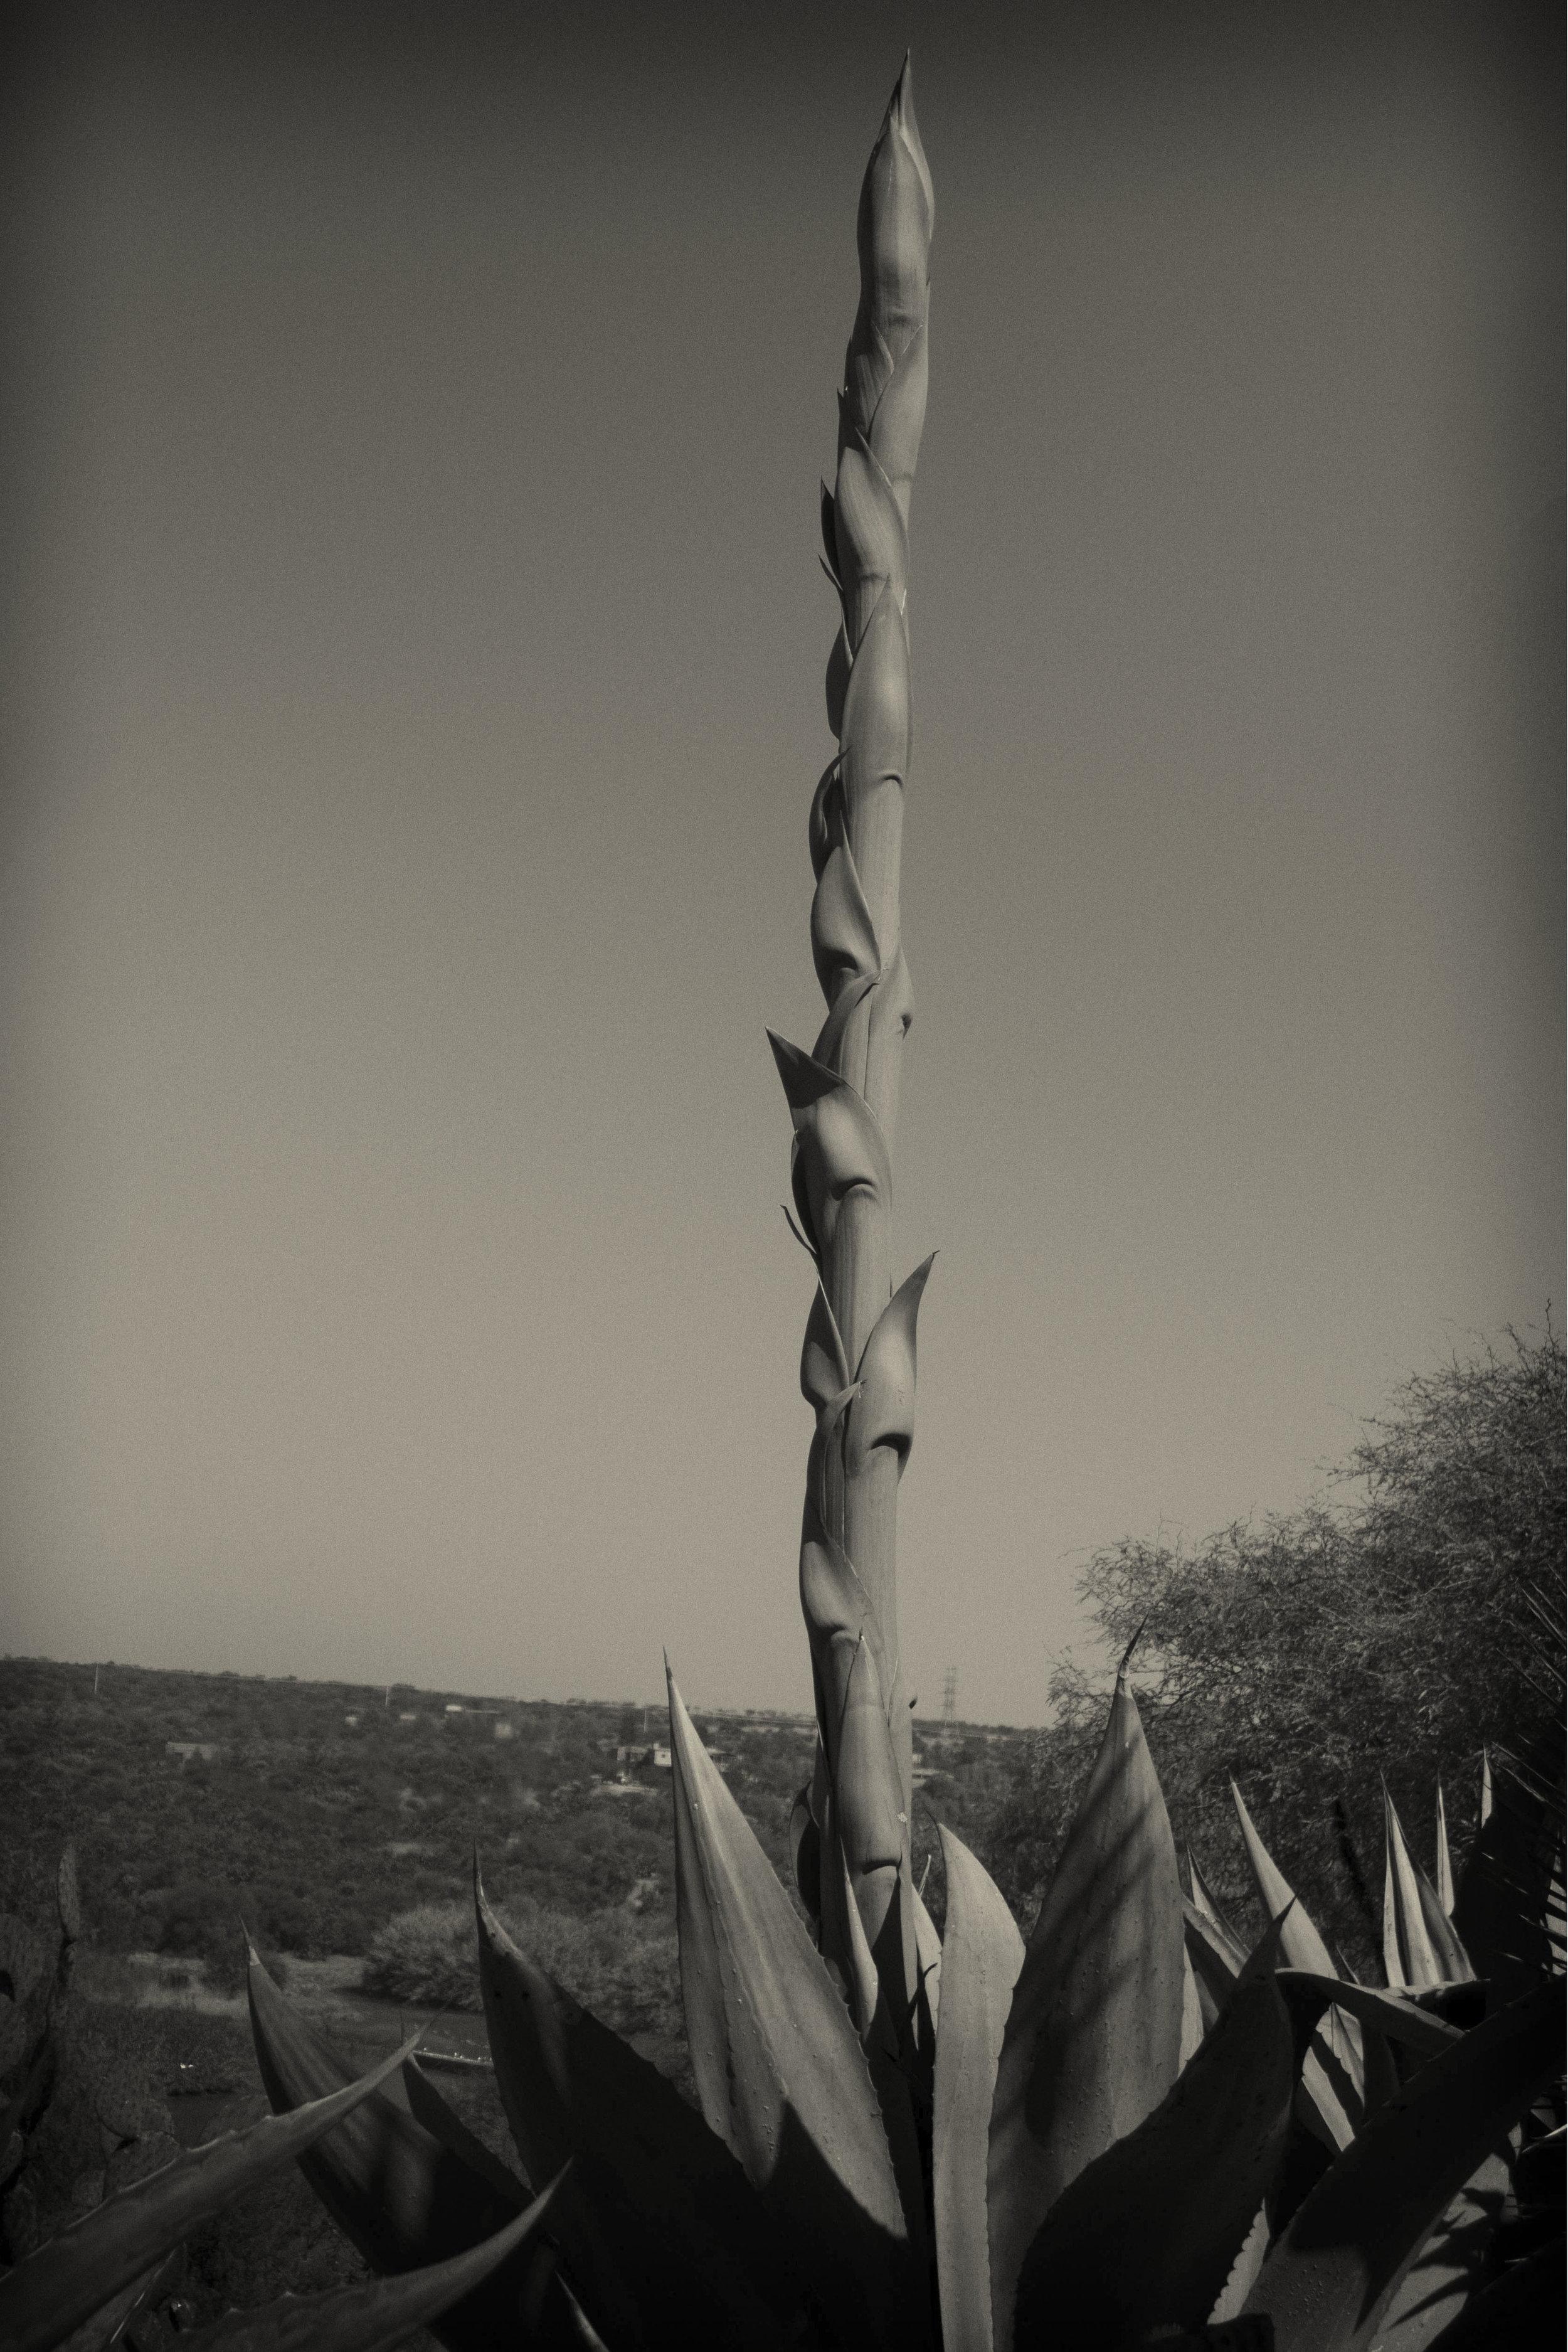 The giant mast of agave,El Charco del Ingenio, San Miguel de ALlende